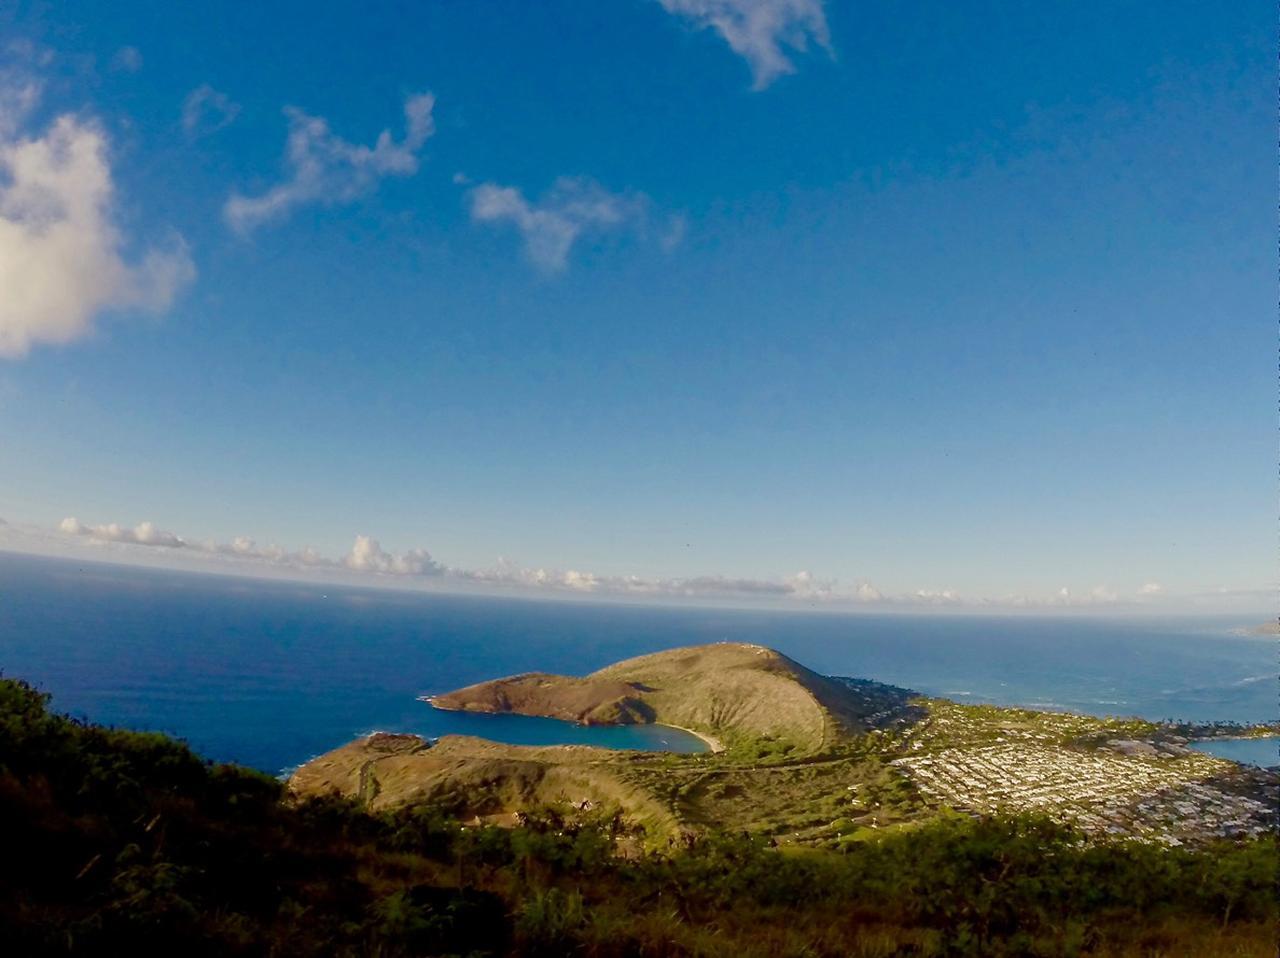 画像2: リスナーさんハワイ旅行記